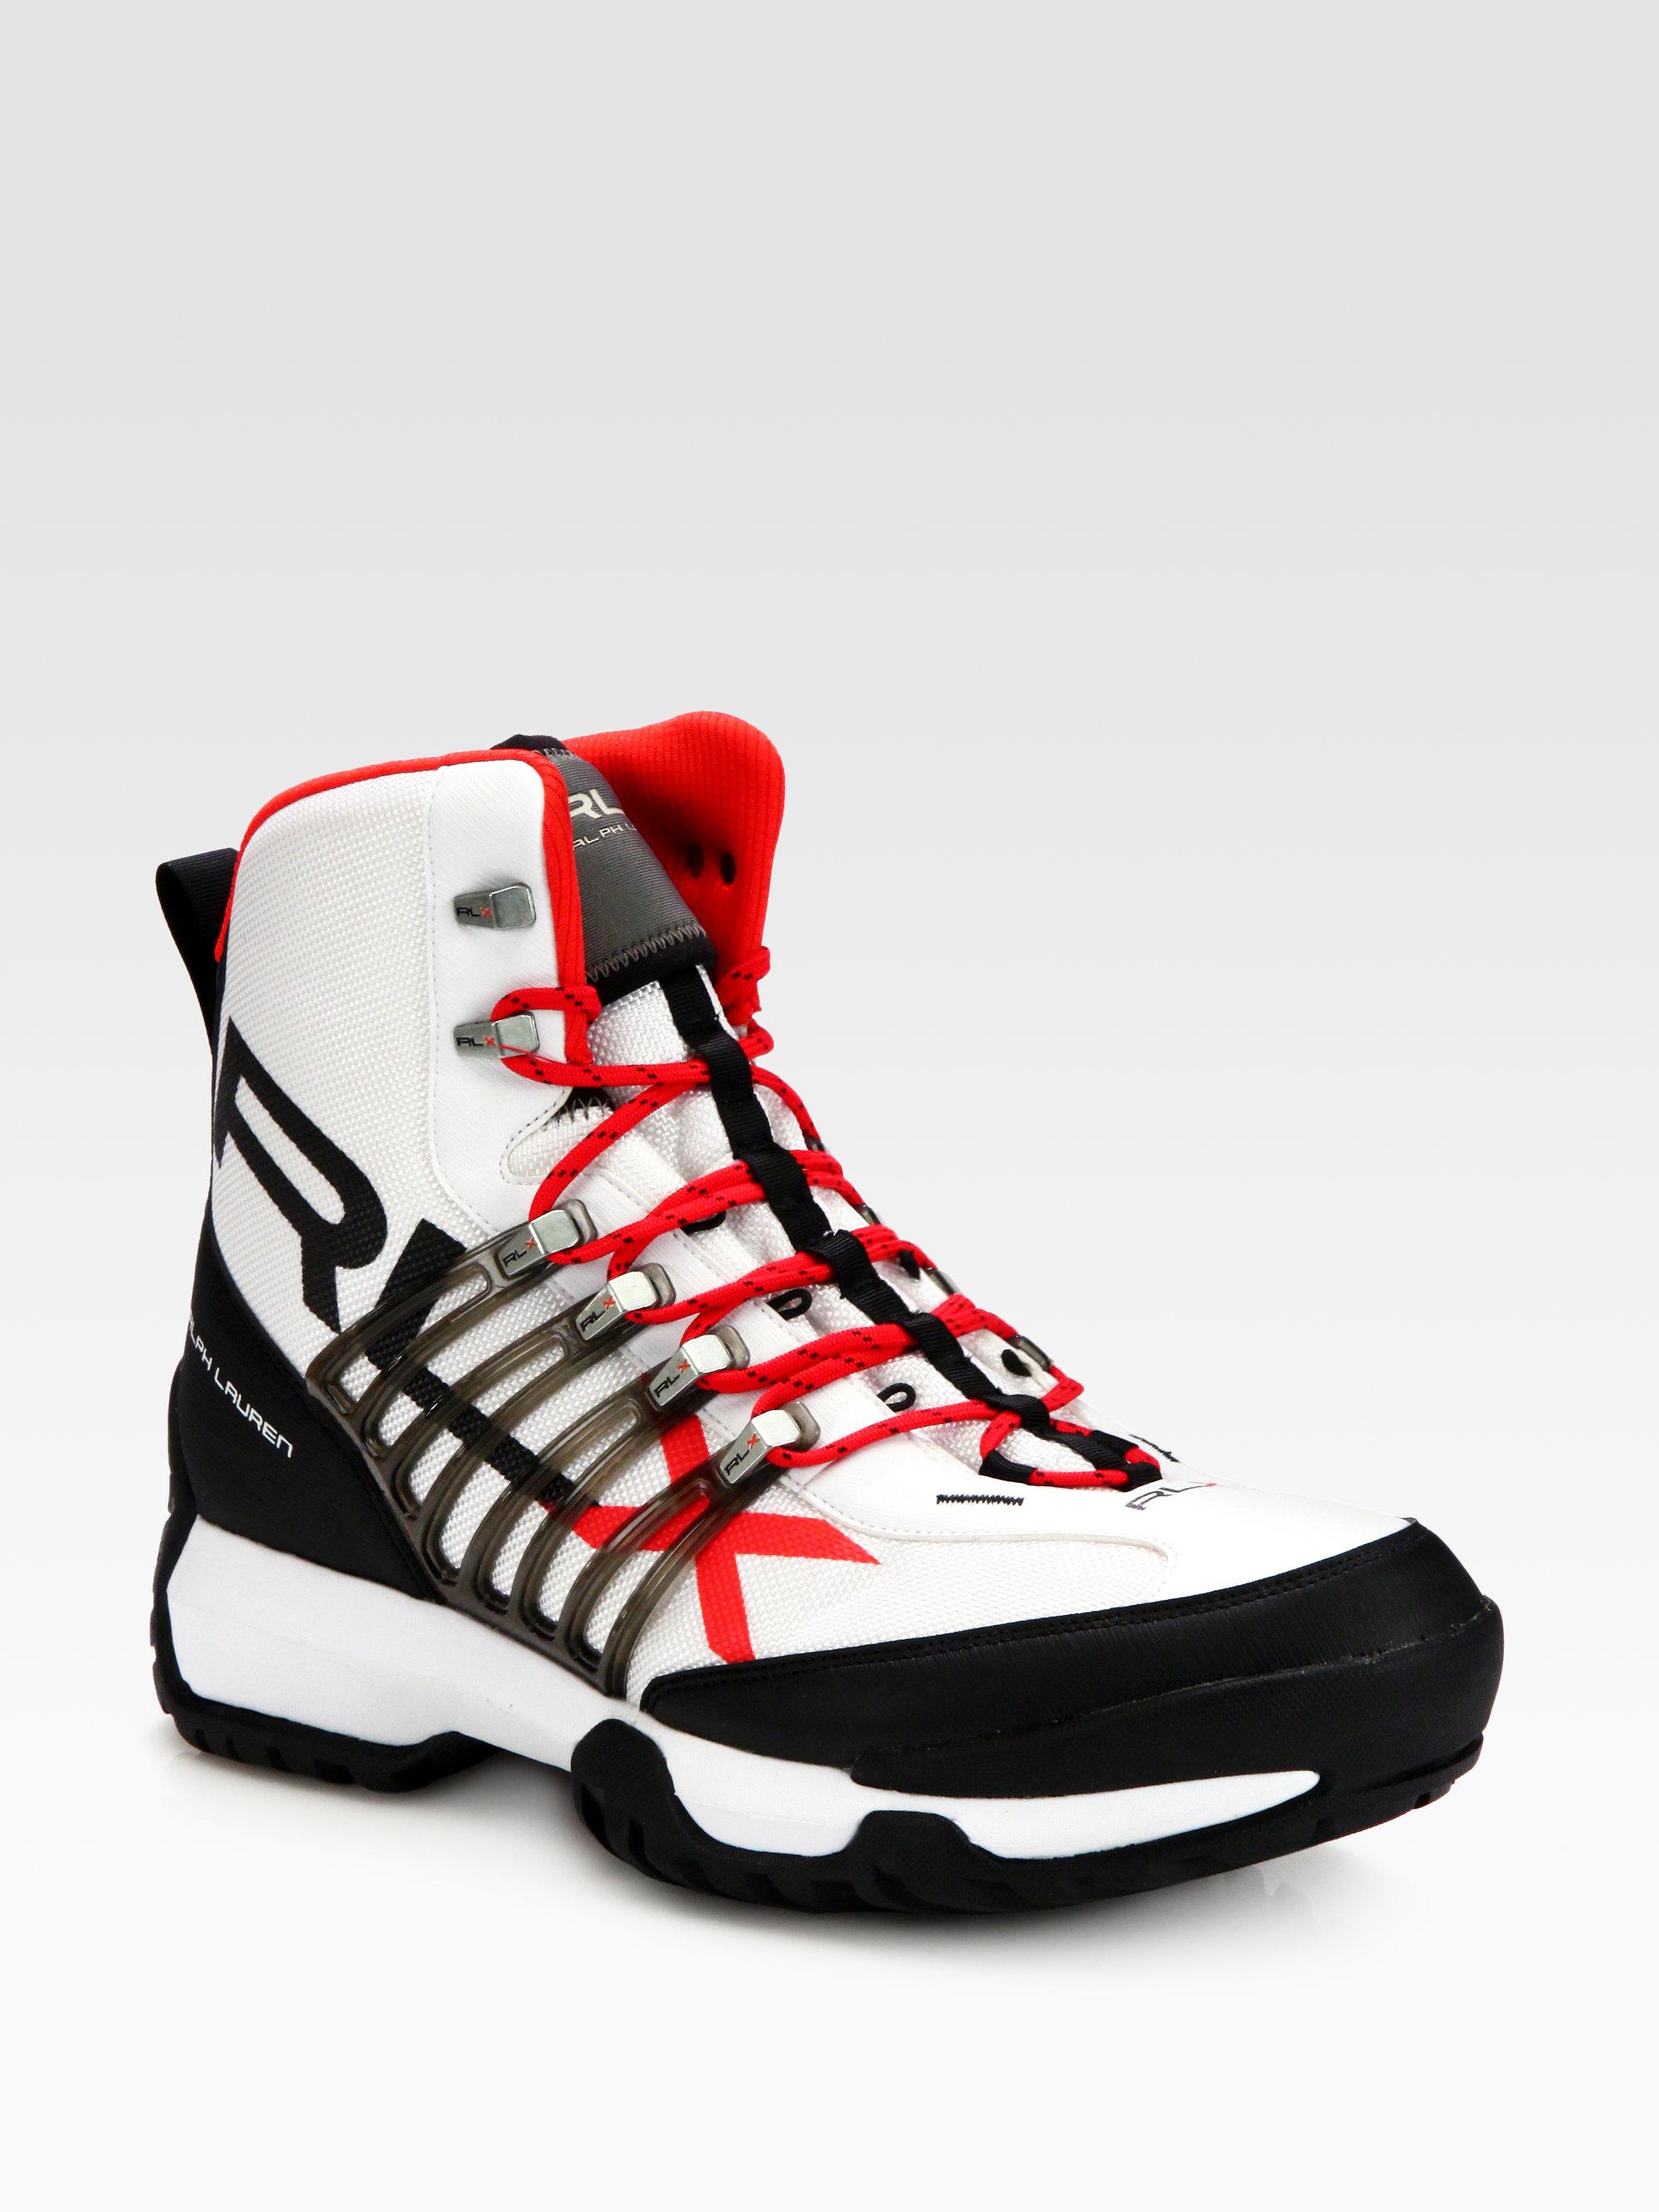 Ralph Lauren Rlx Running Shoes